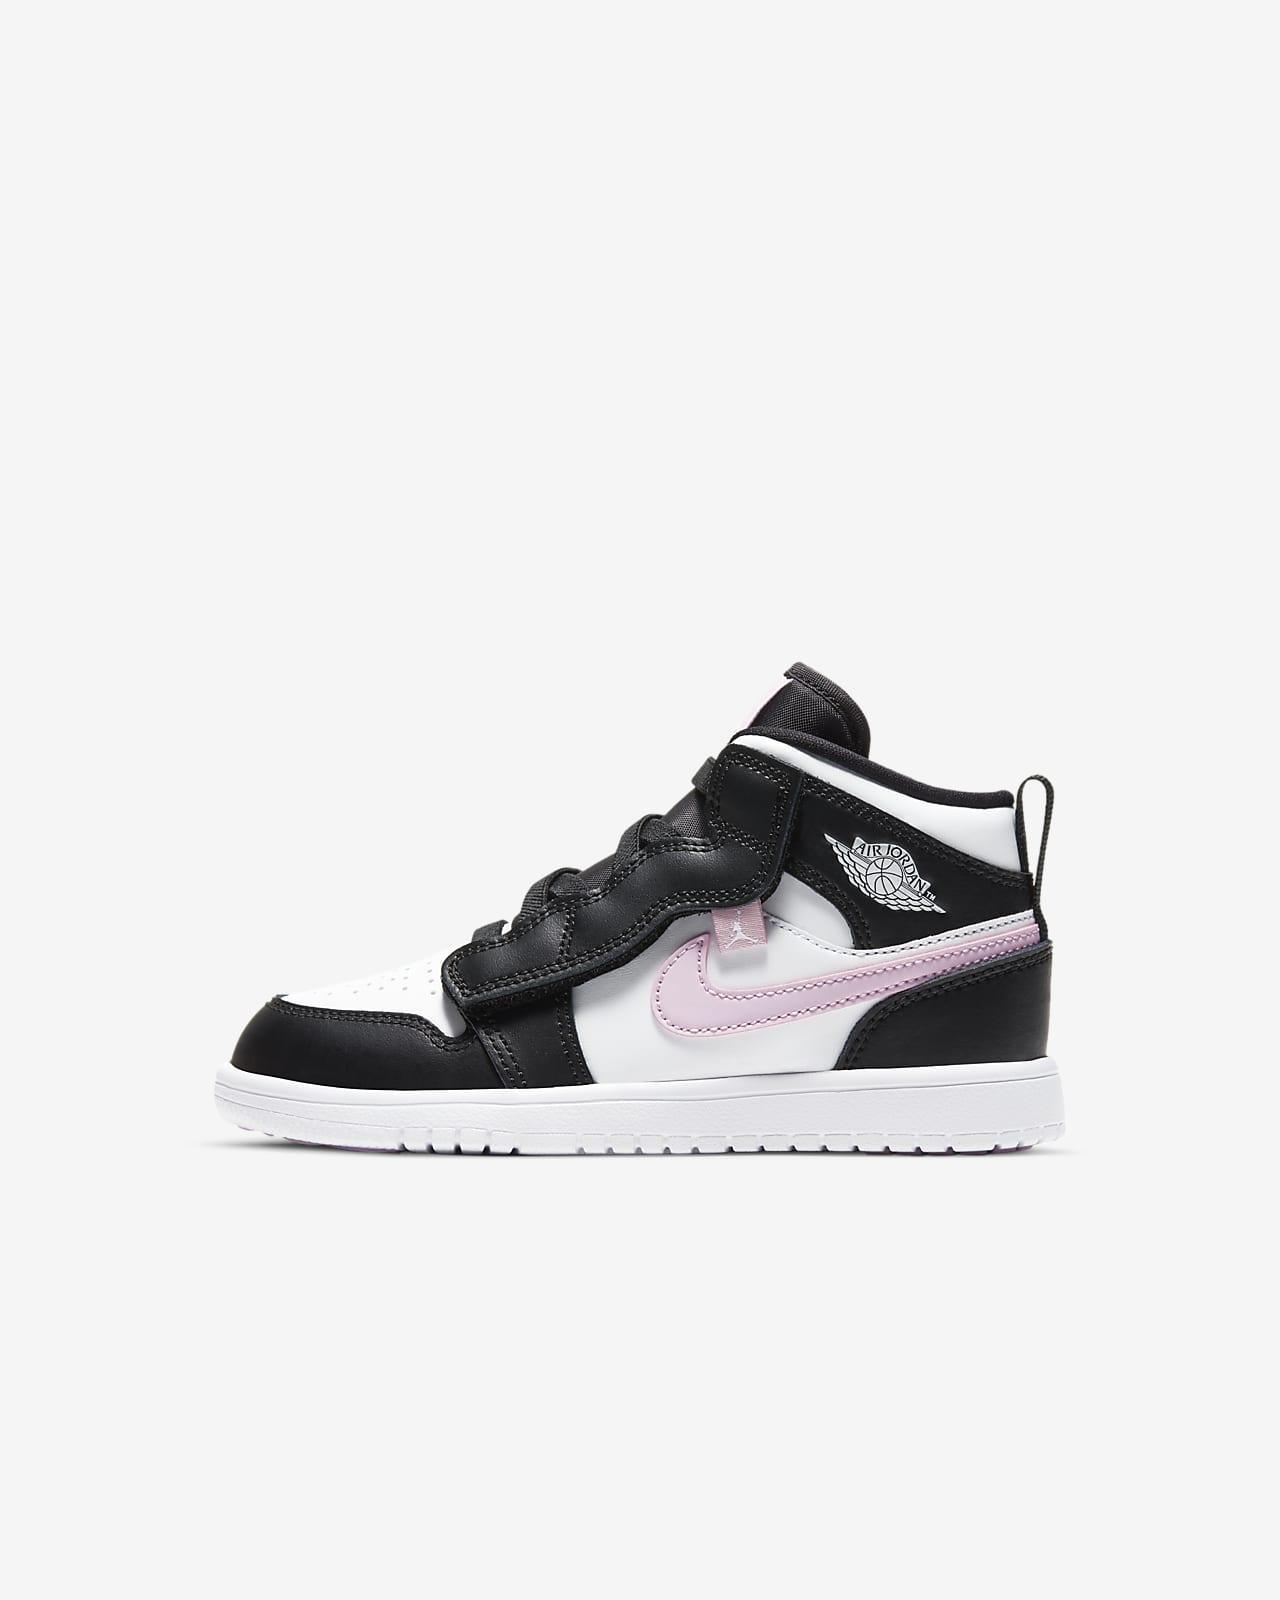 Jordan 1 Mid Alt Little Kids' Shoe